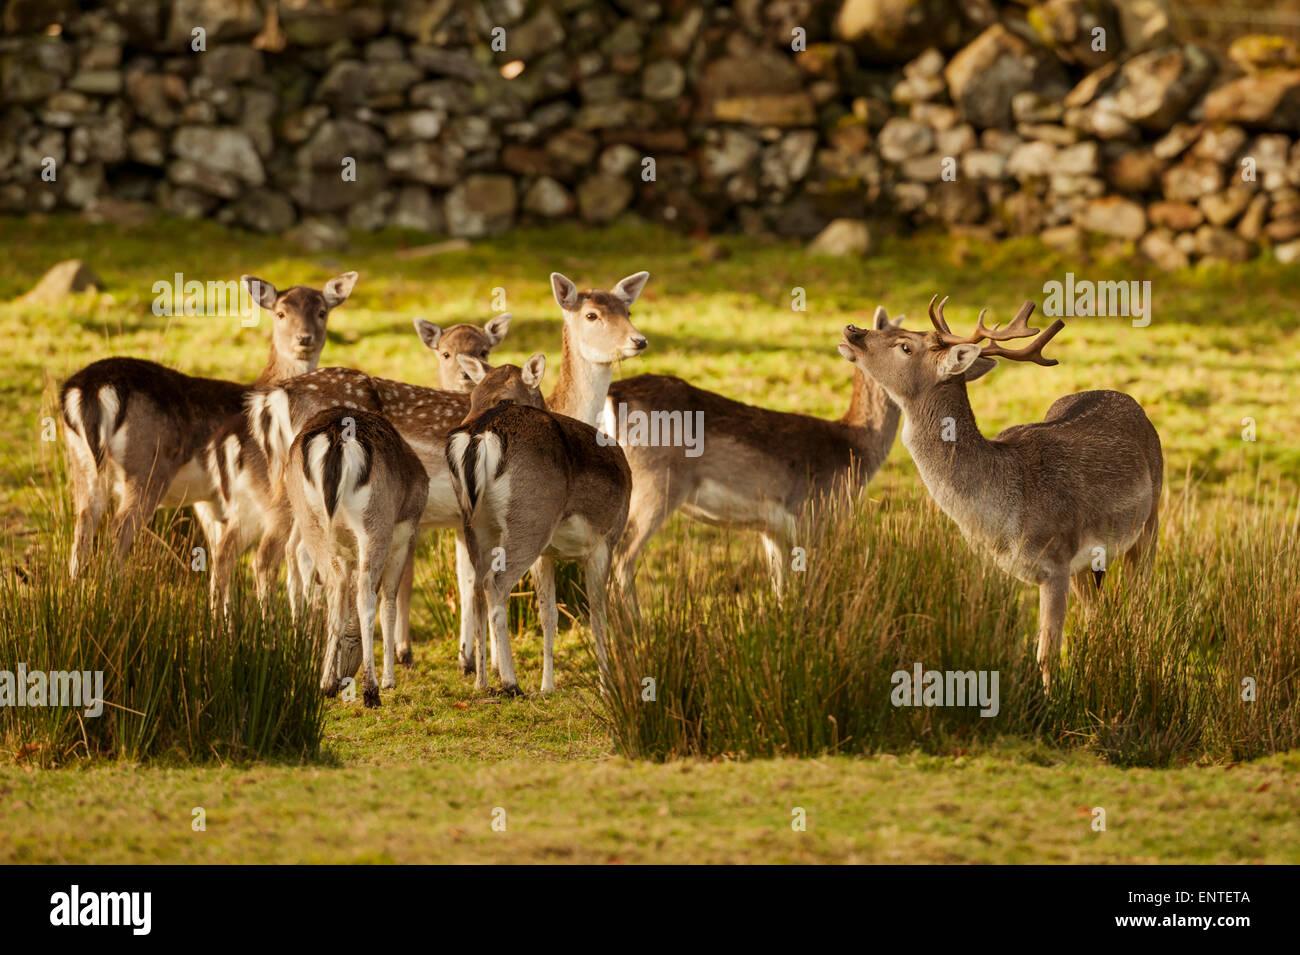 Daini (Dama Dama), Dumfries and Galloway, Scotland, Regno Unito Immagini Stock